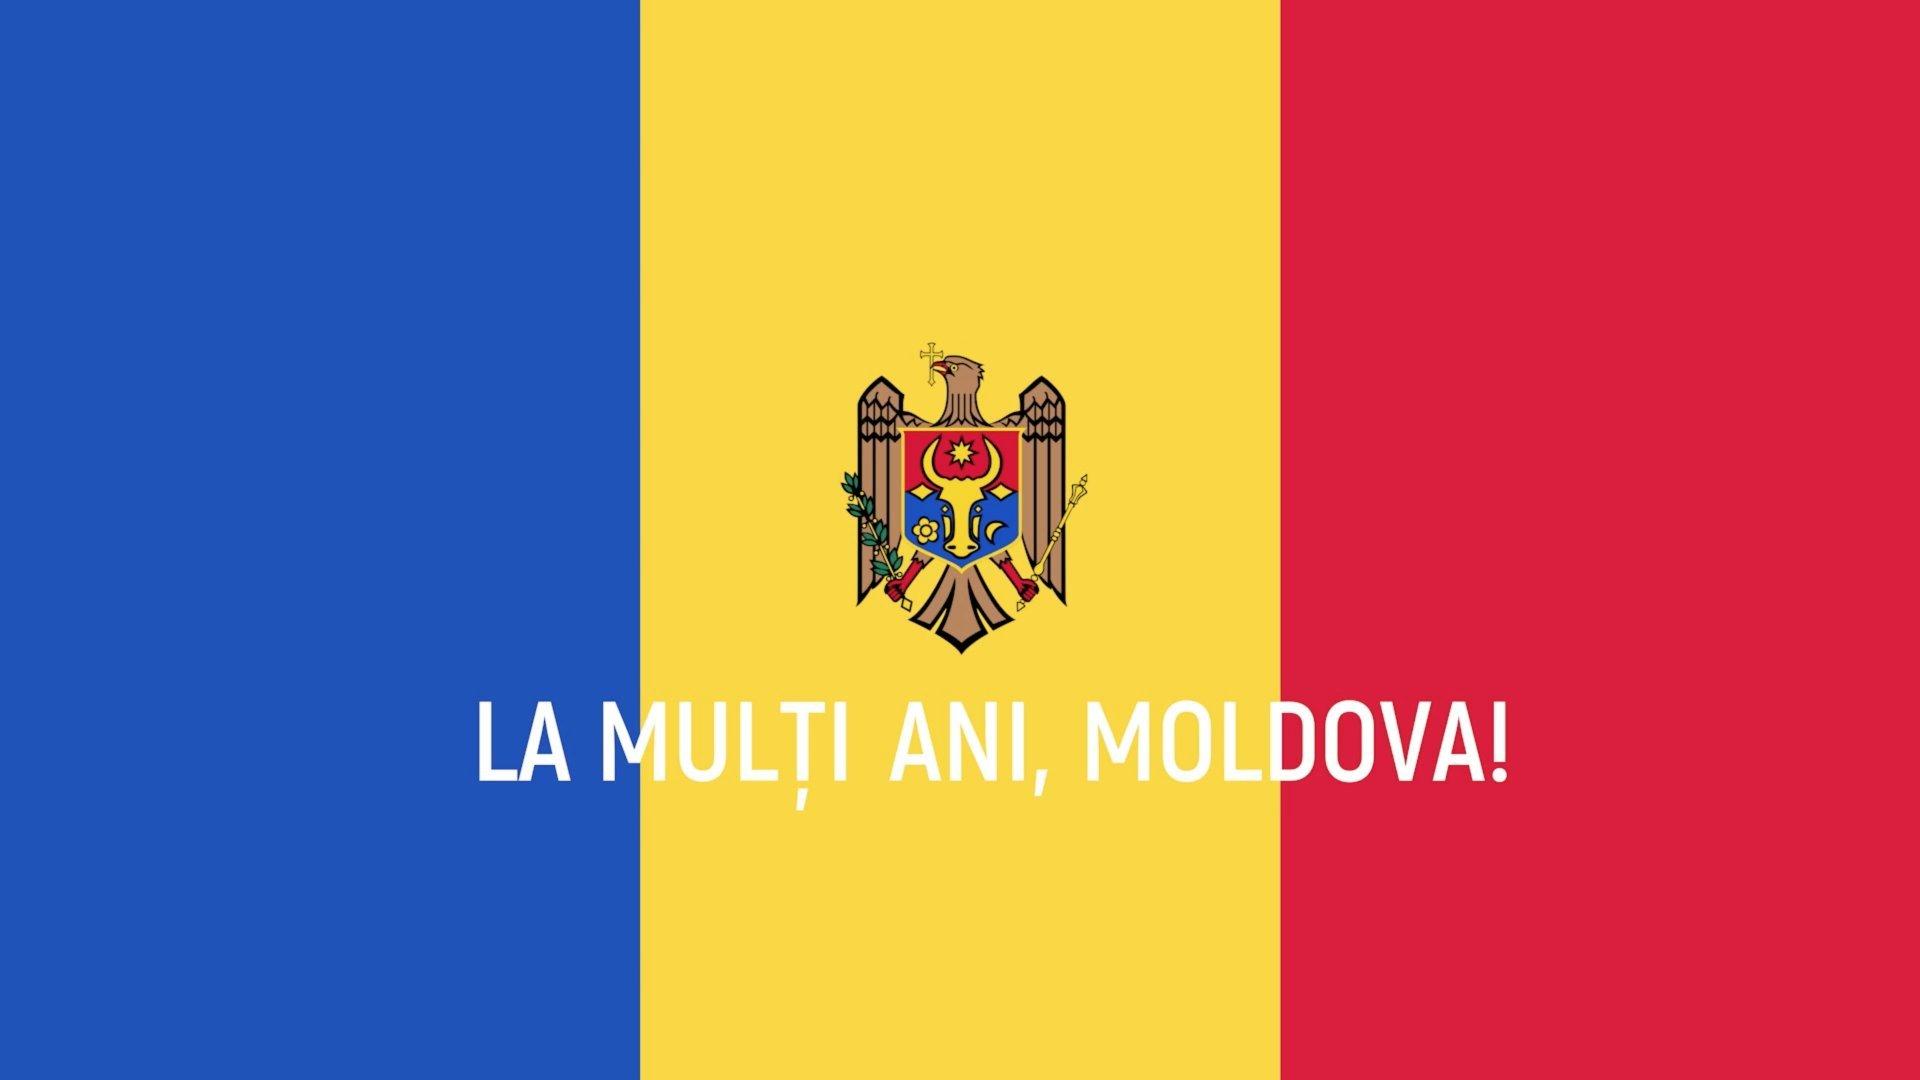 данной с днем независимости молдовы открытки обусловлено тем